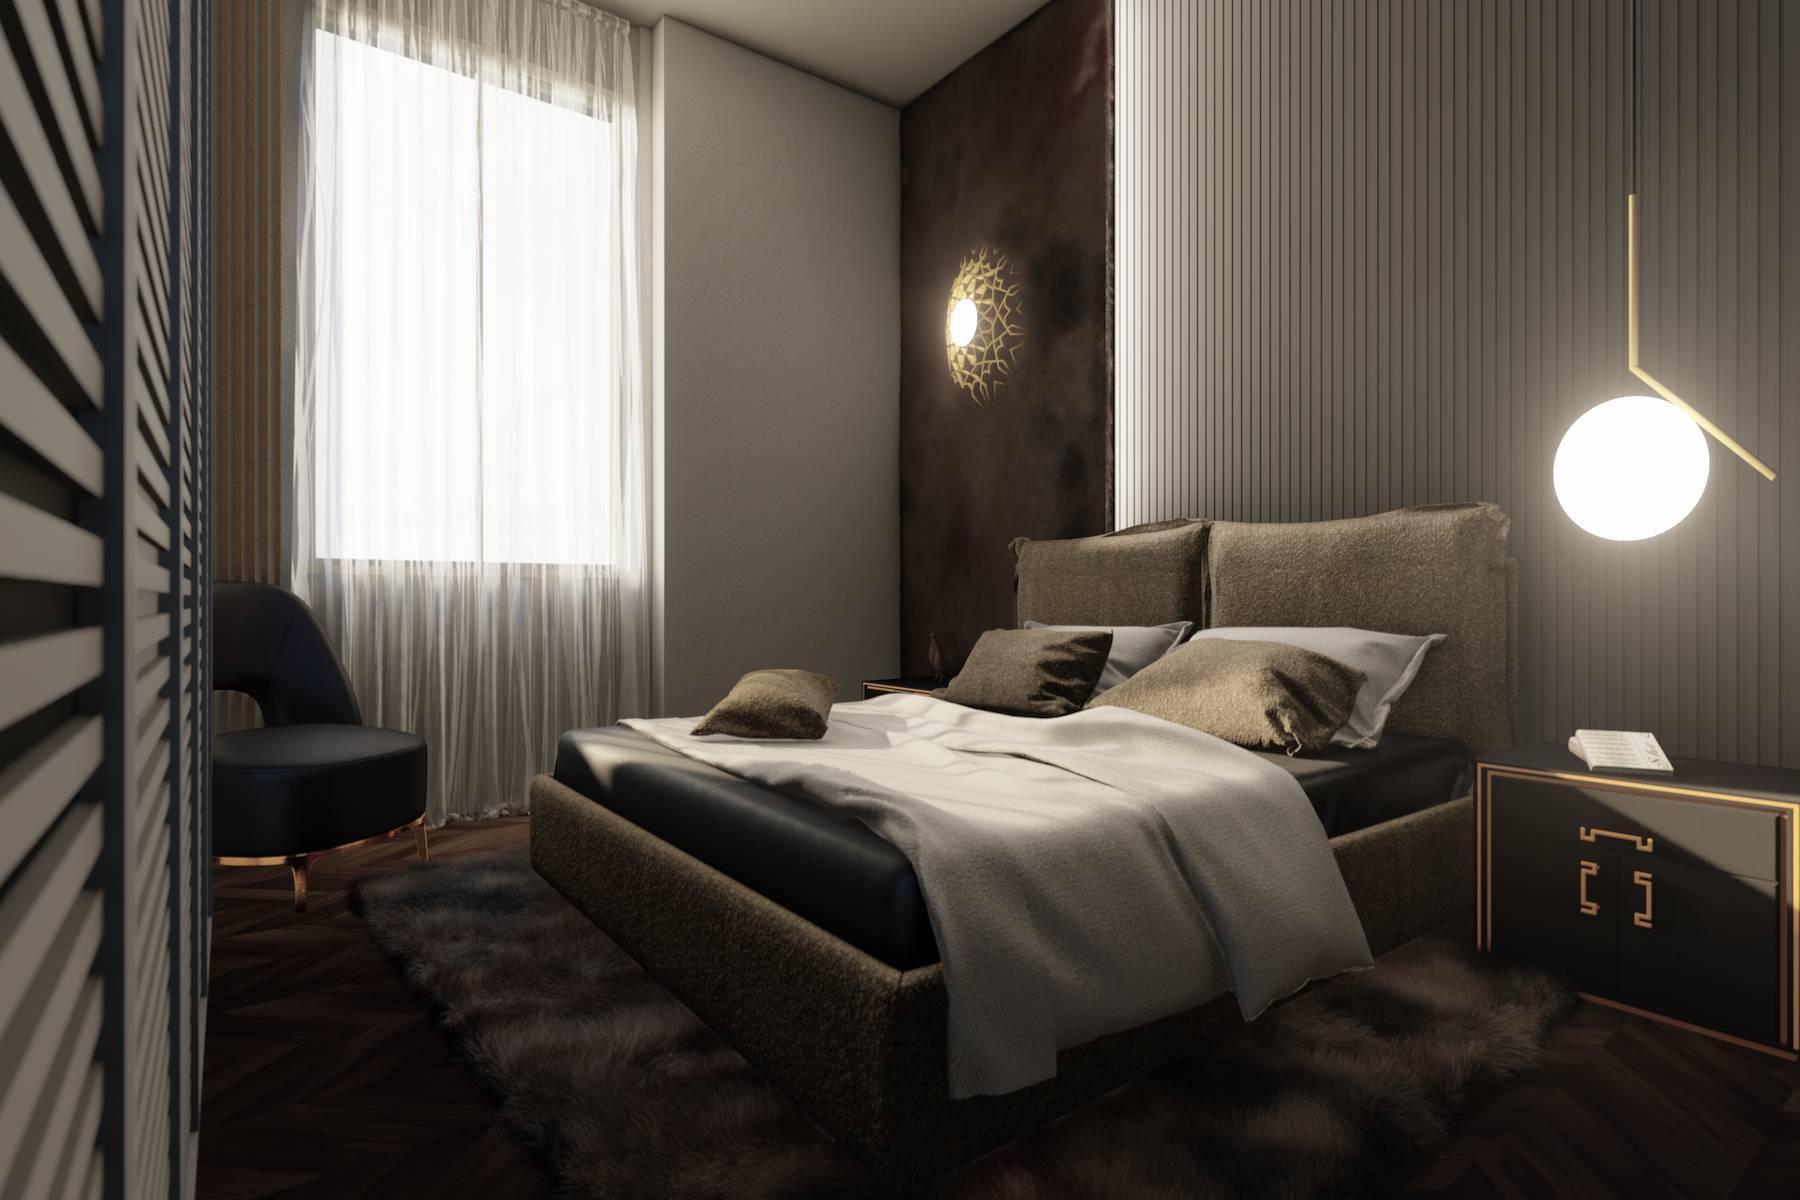 Luxury seafront apartment in Viareggio - 4